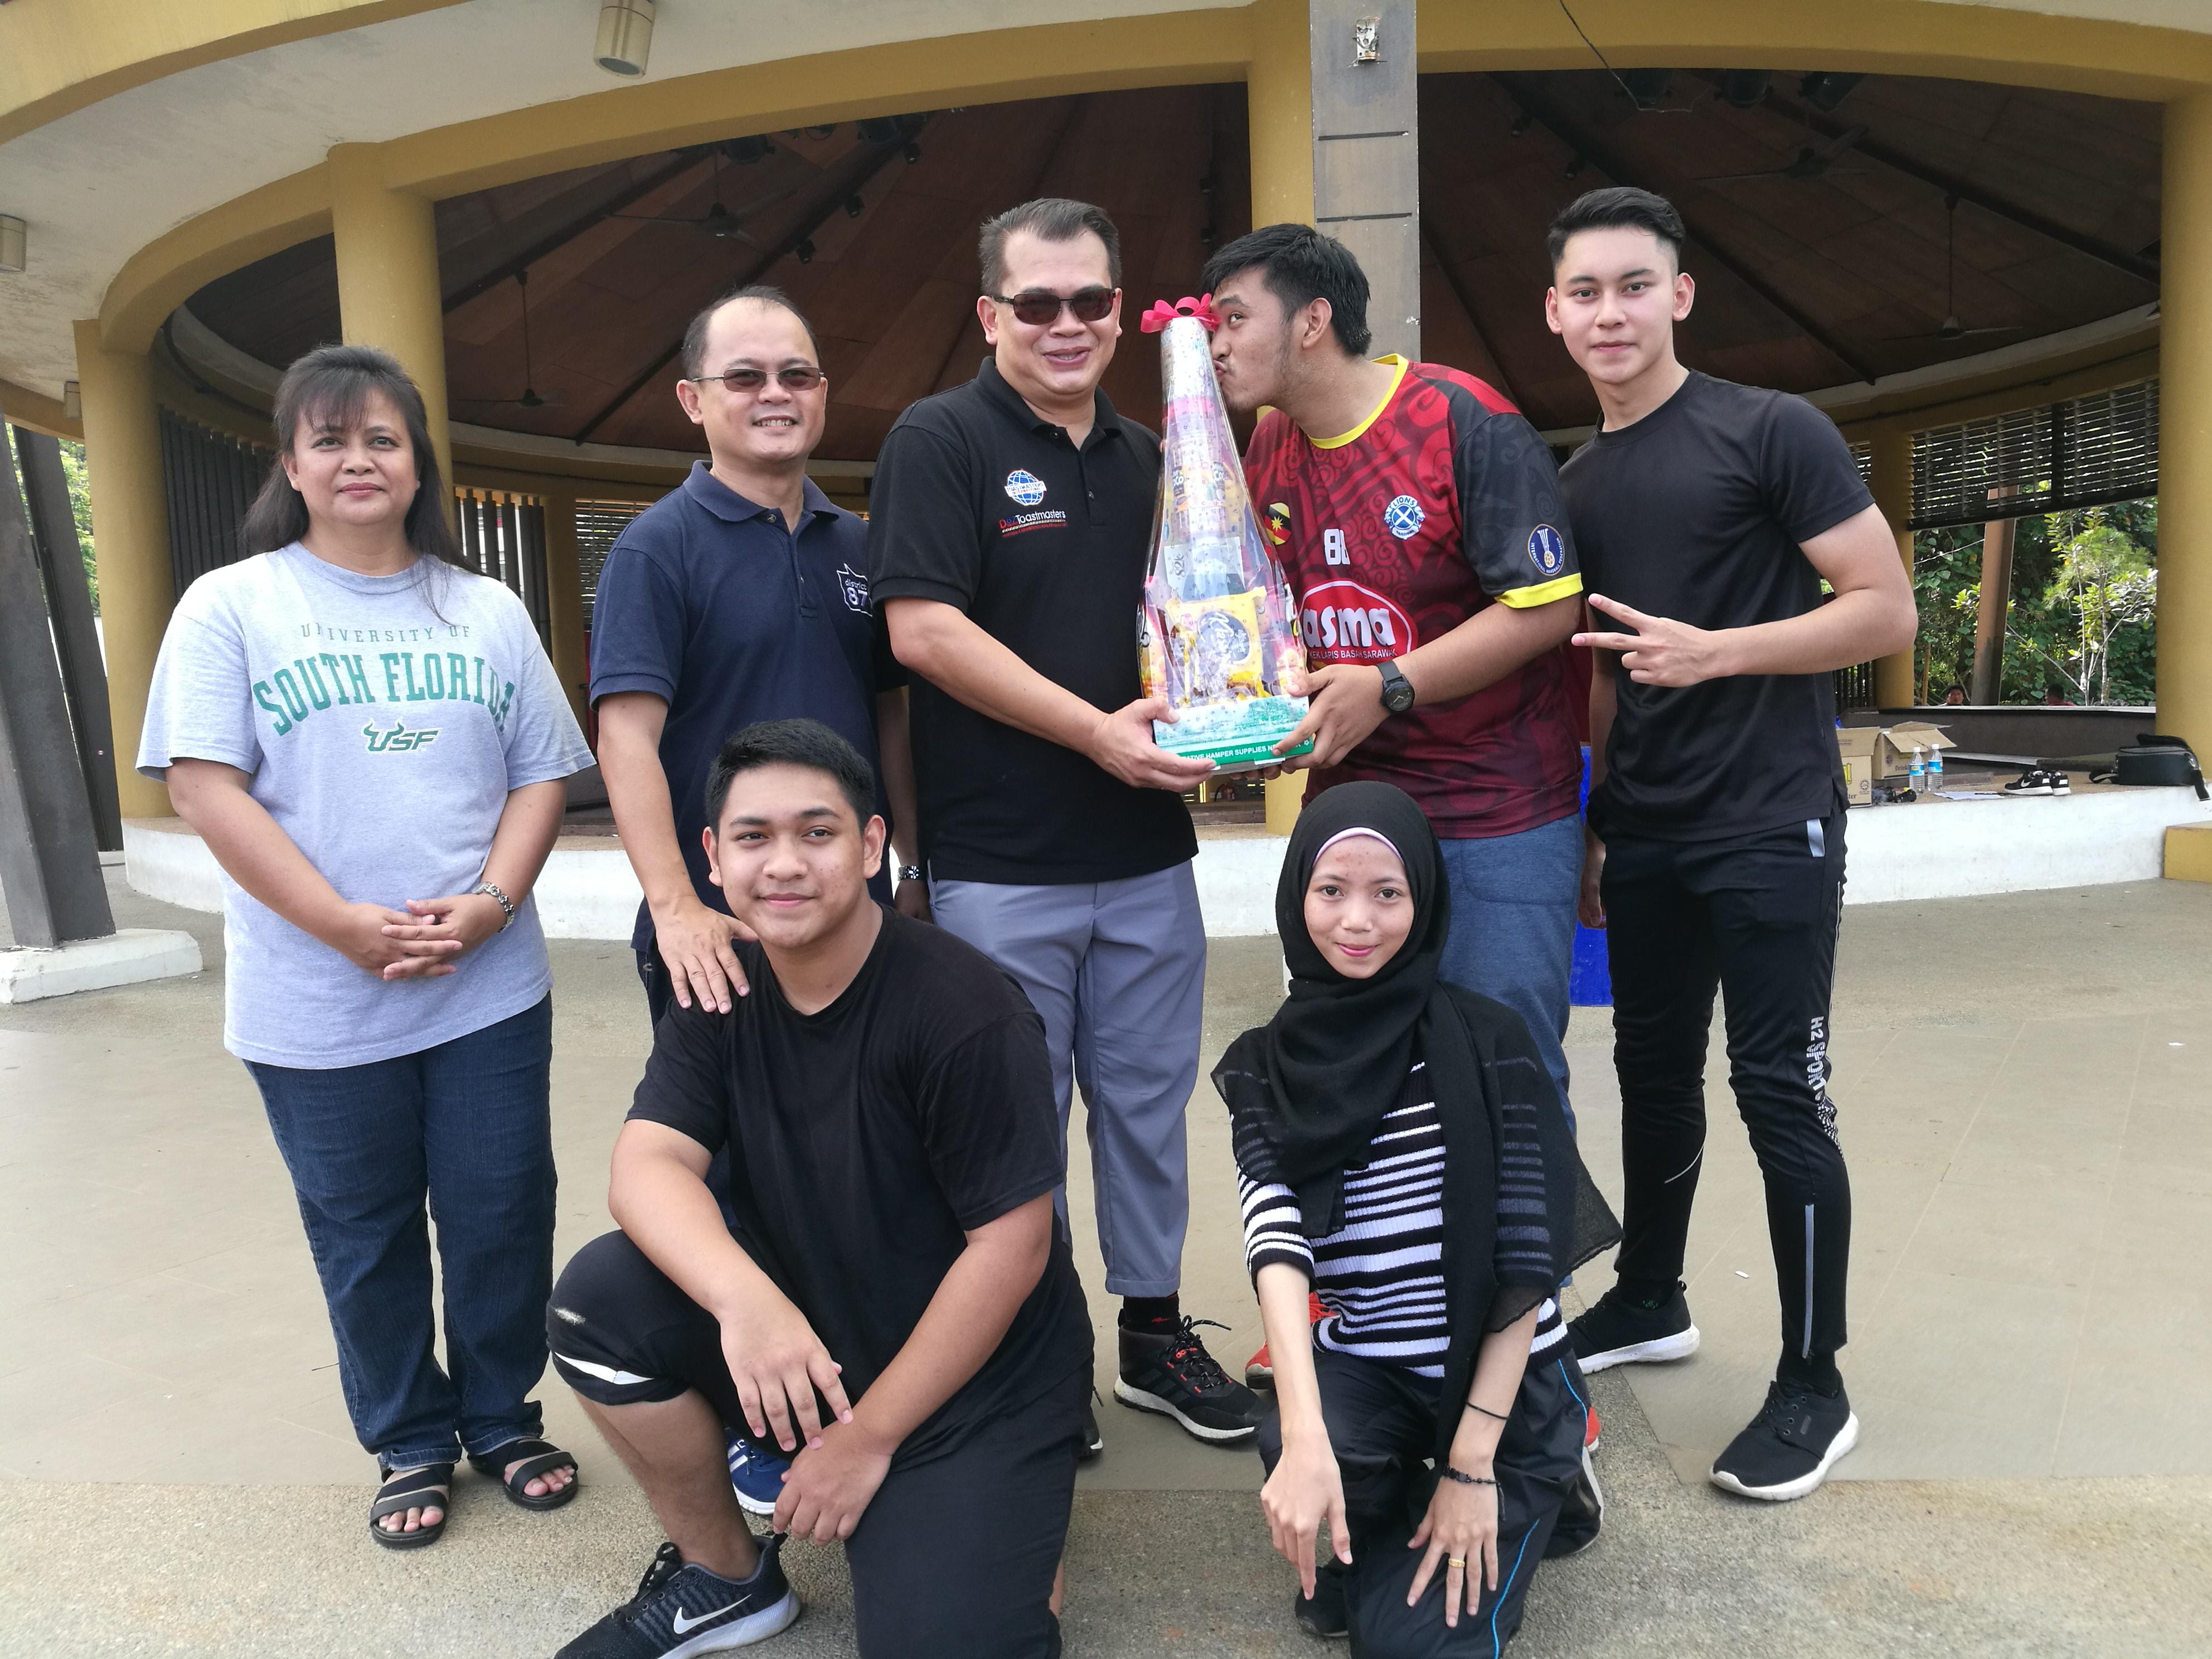 Encik Ariff Irwani Encik Ariff Irwani, Setiausaha Kehormat AZAM Sarawak menyampaikan hadiah kepada kumpulan yang menang bersama Encik Telemachus Lo, Ahli AZAM Sarawak dan Cik Rosalind Yang Misieng, Timbalan Ketua Pegawai Eksekutif AZAM Sarawak.